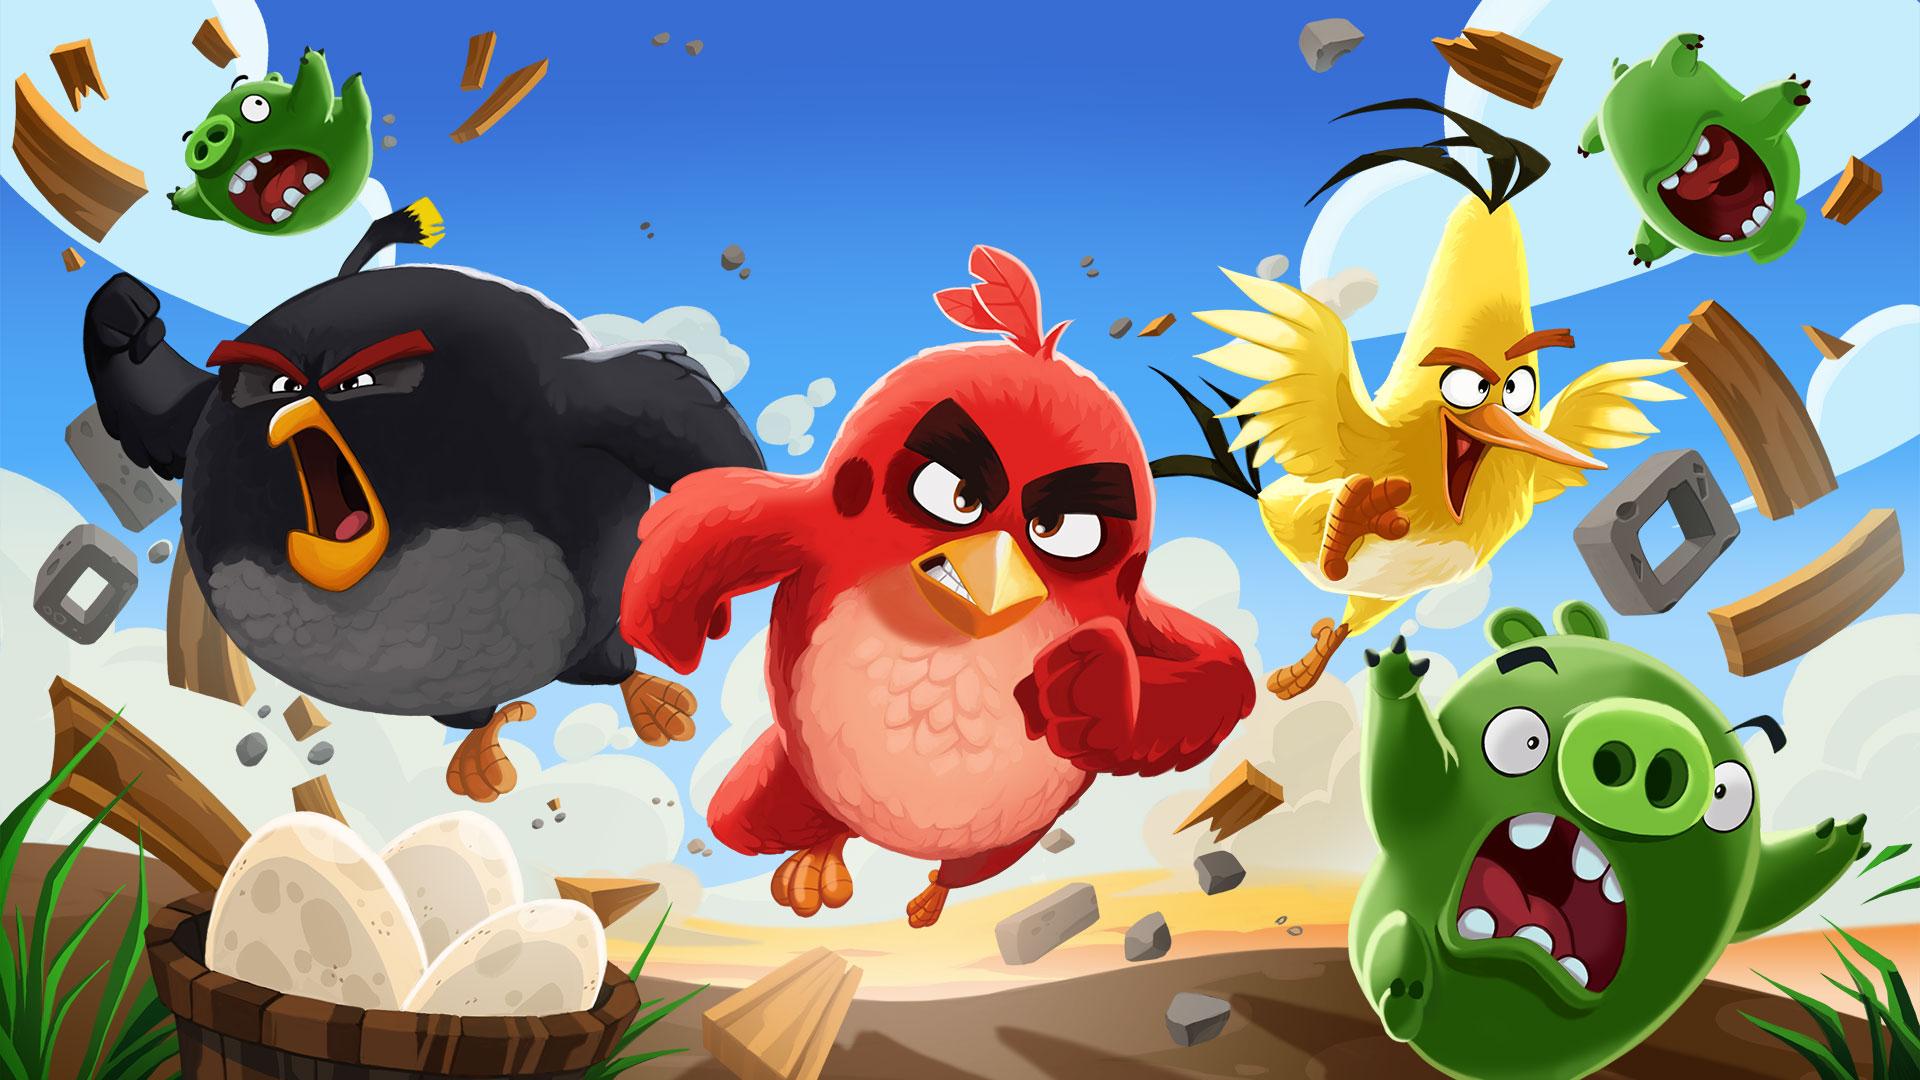 《愤怒的小鸟》将推出全新动画 2021年网飞播出